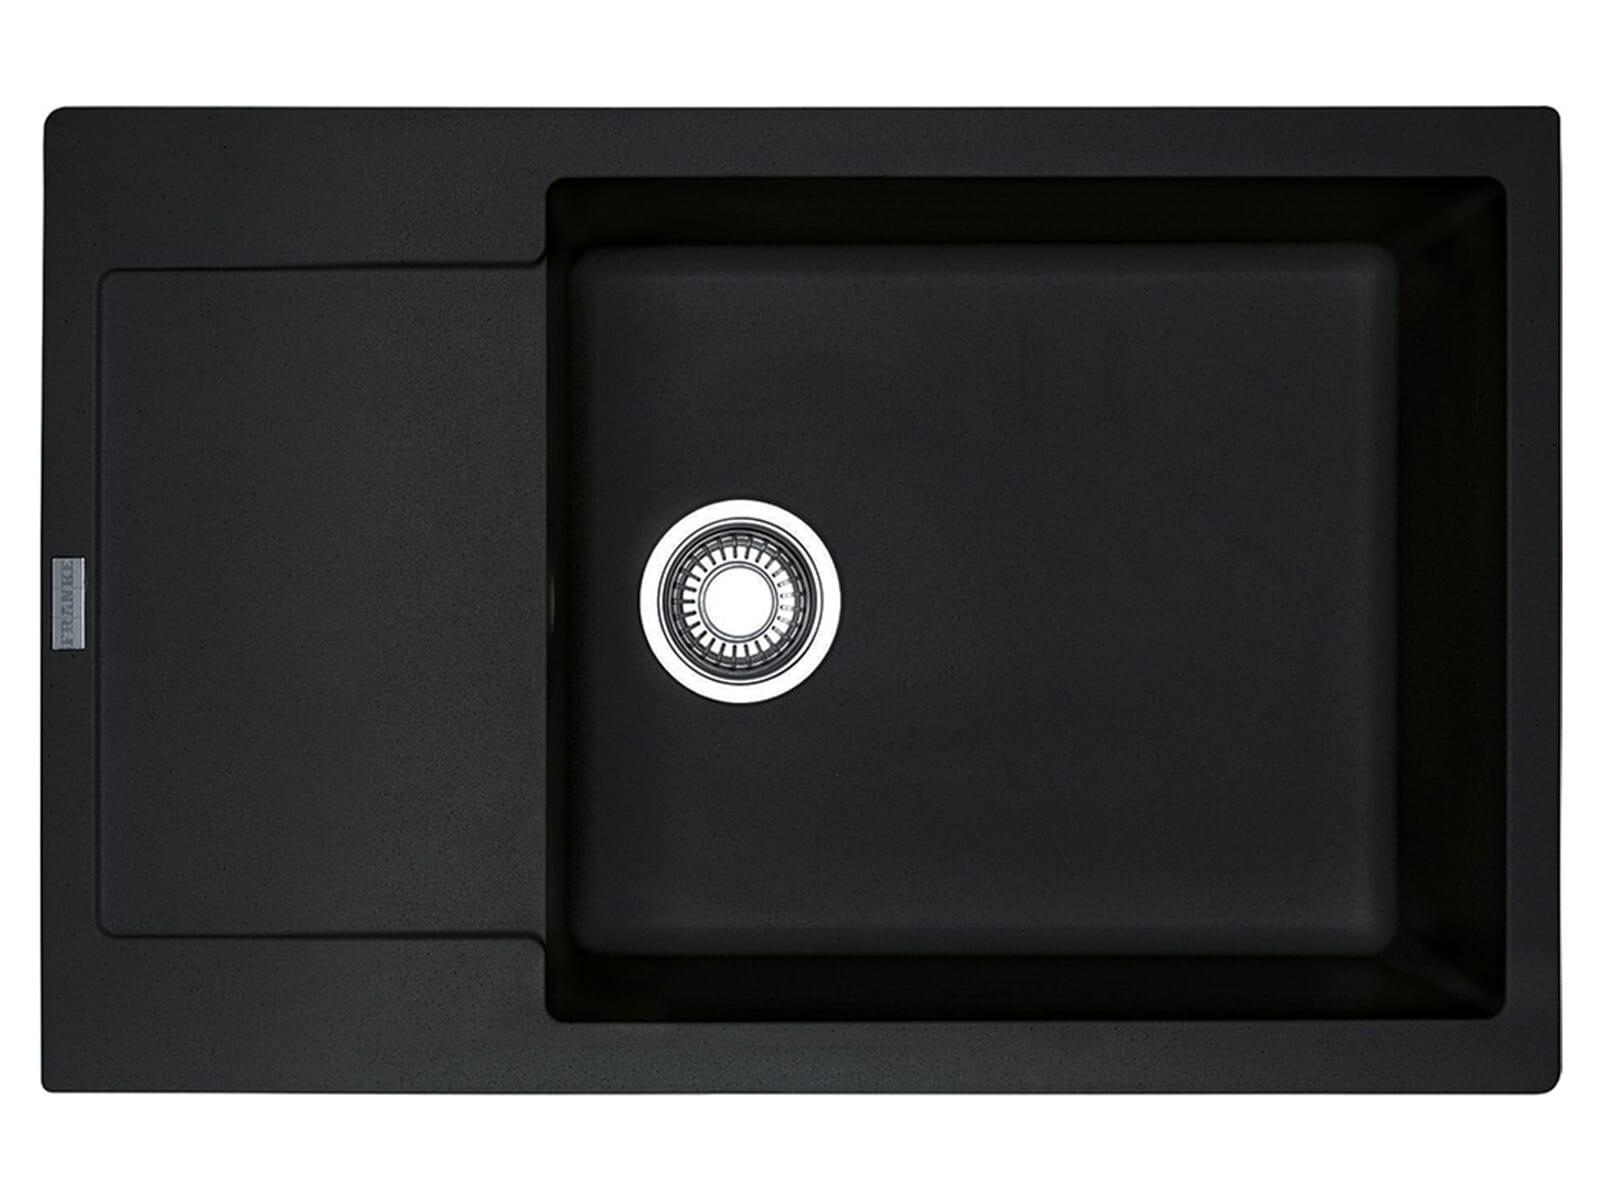 franke maris mrg 611 78 xl onyx granitsp le drehknopfventil. Black Bedroom Furniture Sets. Home Design Ideas